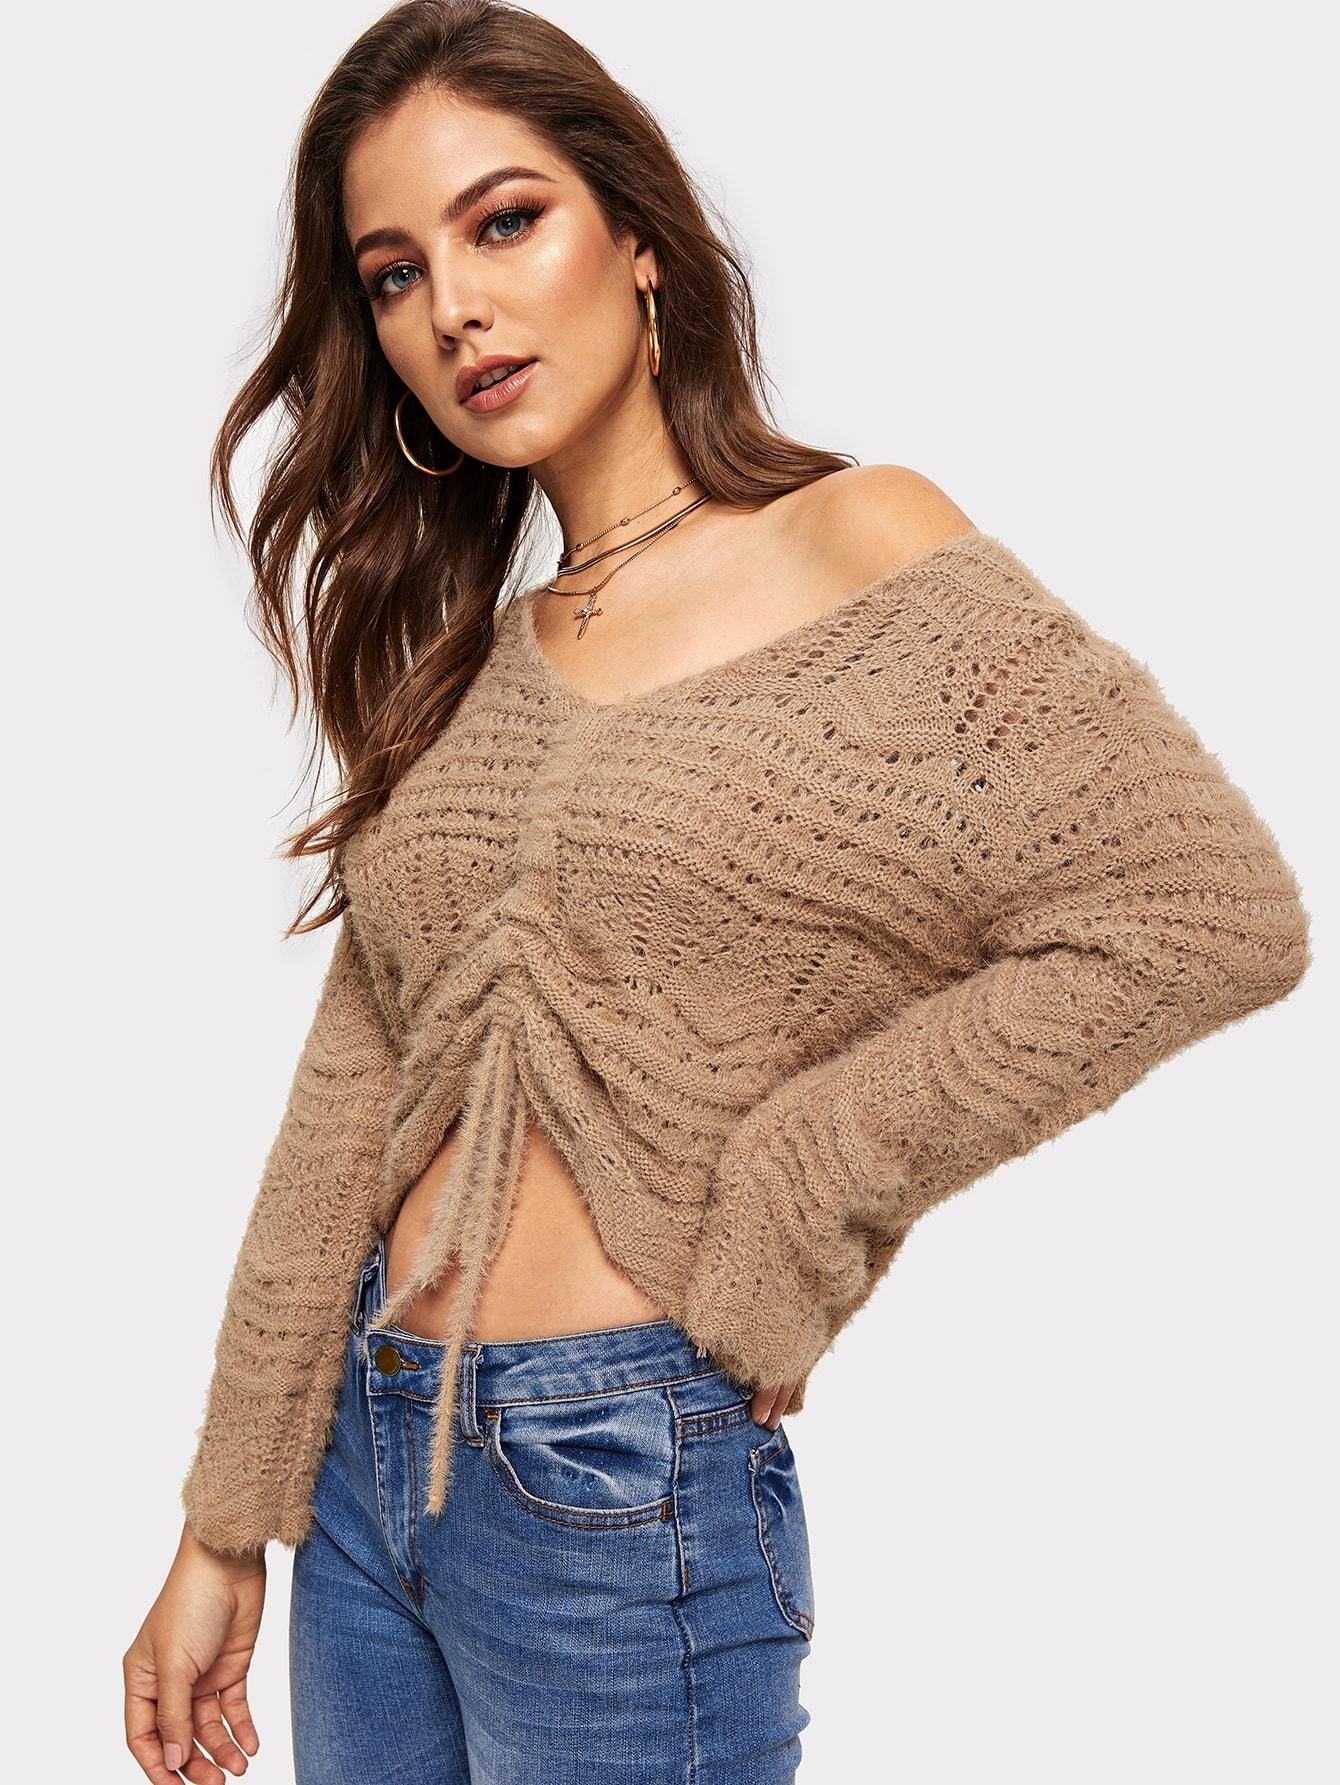 Короткий крупной вязки свитер с кулисой, Debi Cruz, SheIn  - купить со скидкой